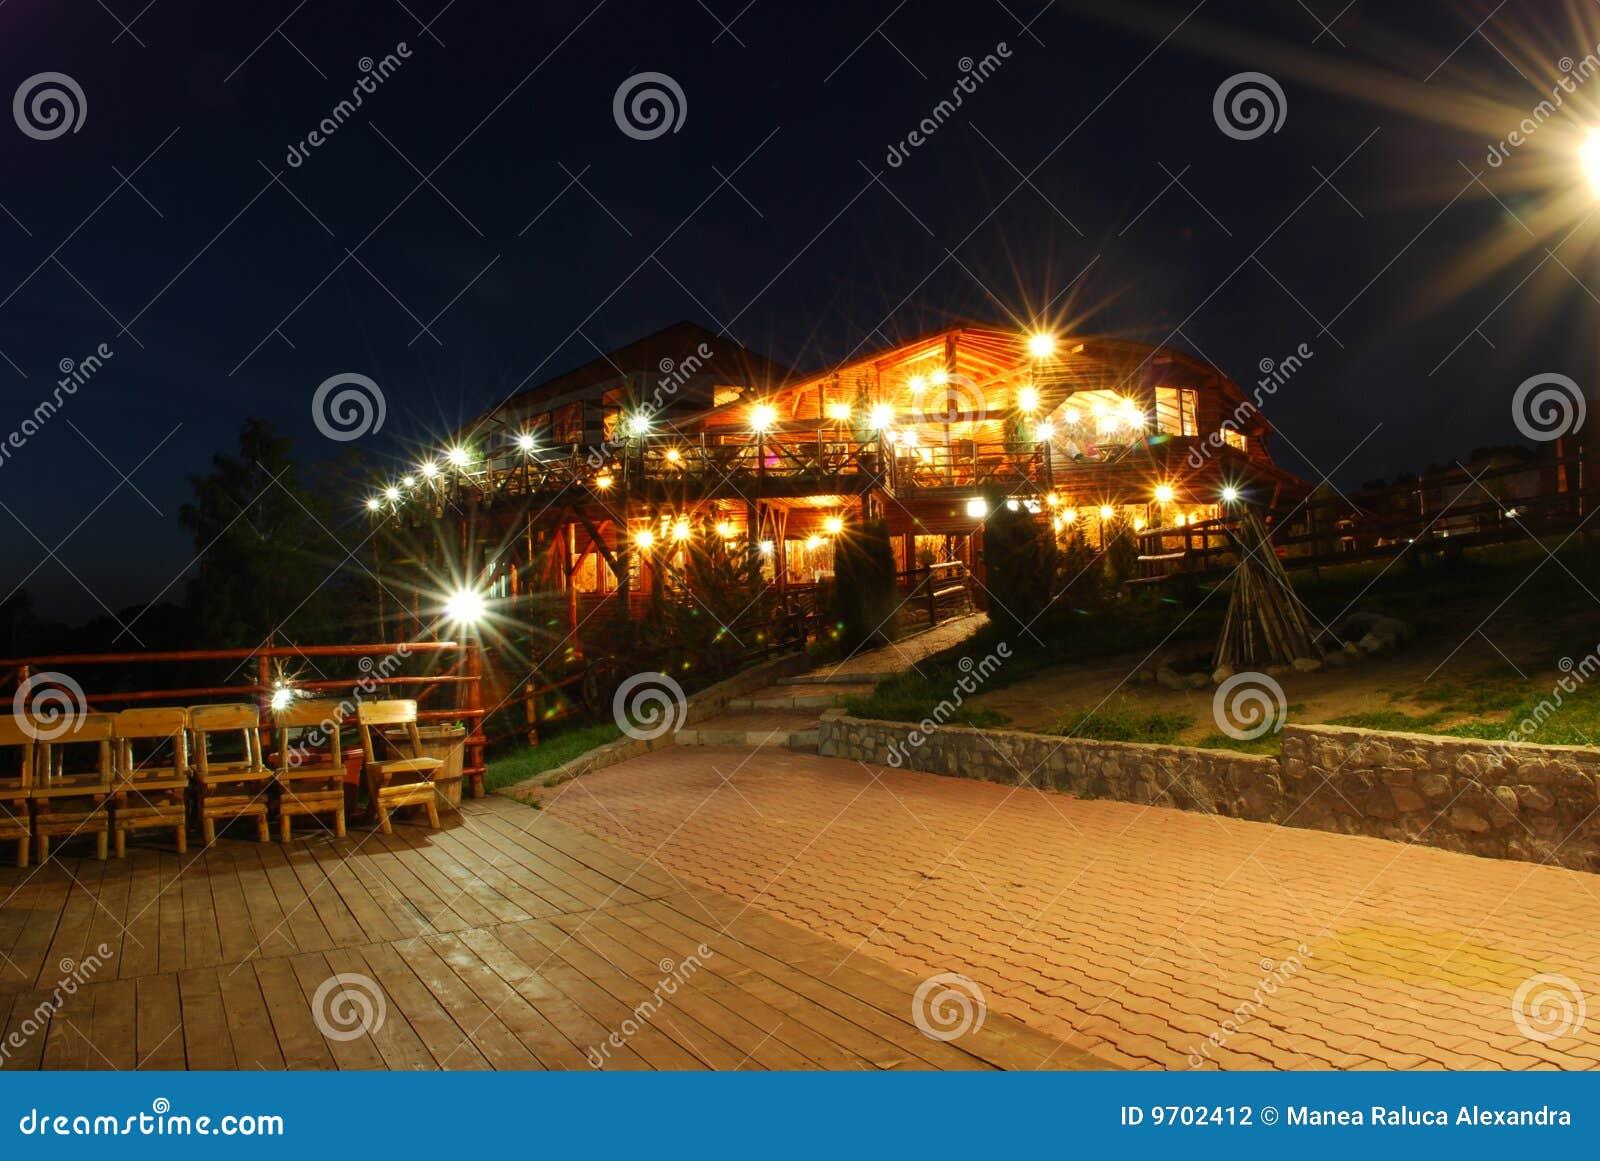 εστιατόριο νύχτας